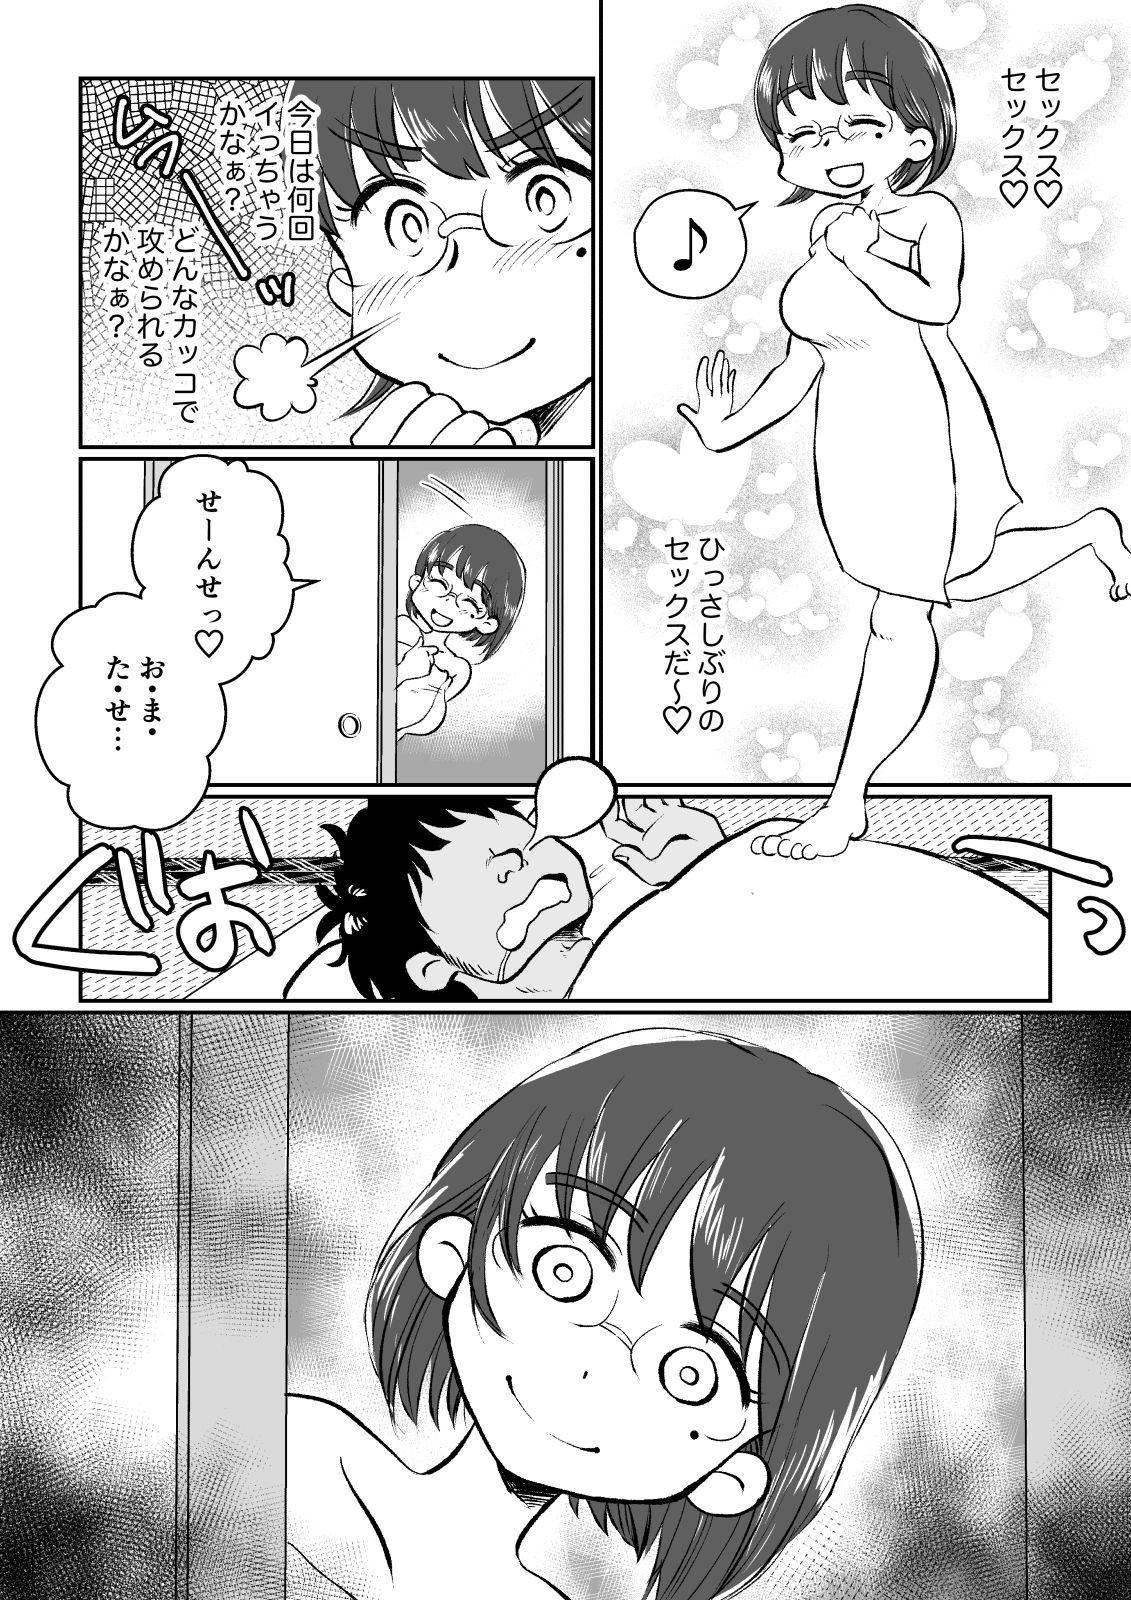 [Megitsune Works] Wakazuma-san wa Yokkyuu Fuman! Akogare no Shisho no Wakazuma-san ga Gakusei Beit no Boku no Fudeoroshi o Shite kuremashita. 9